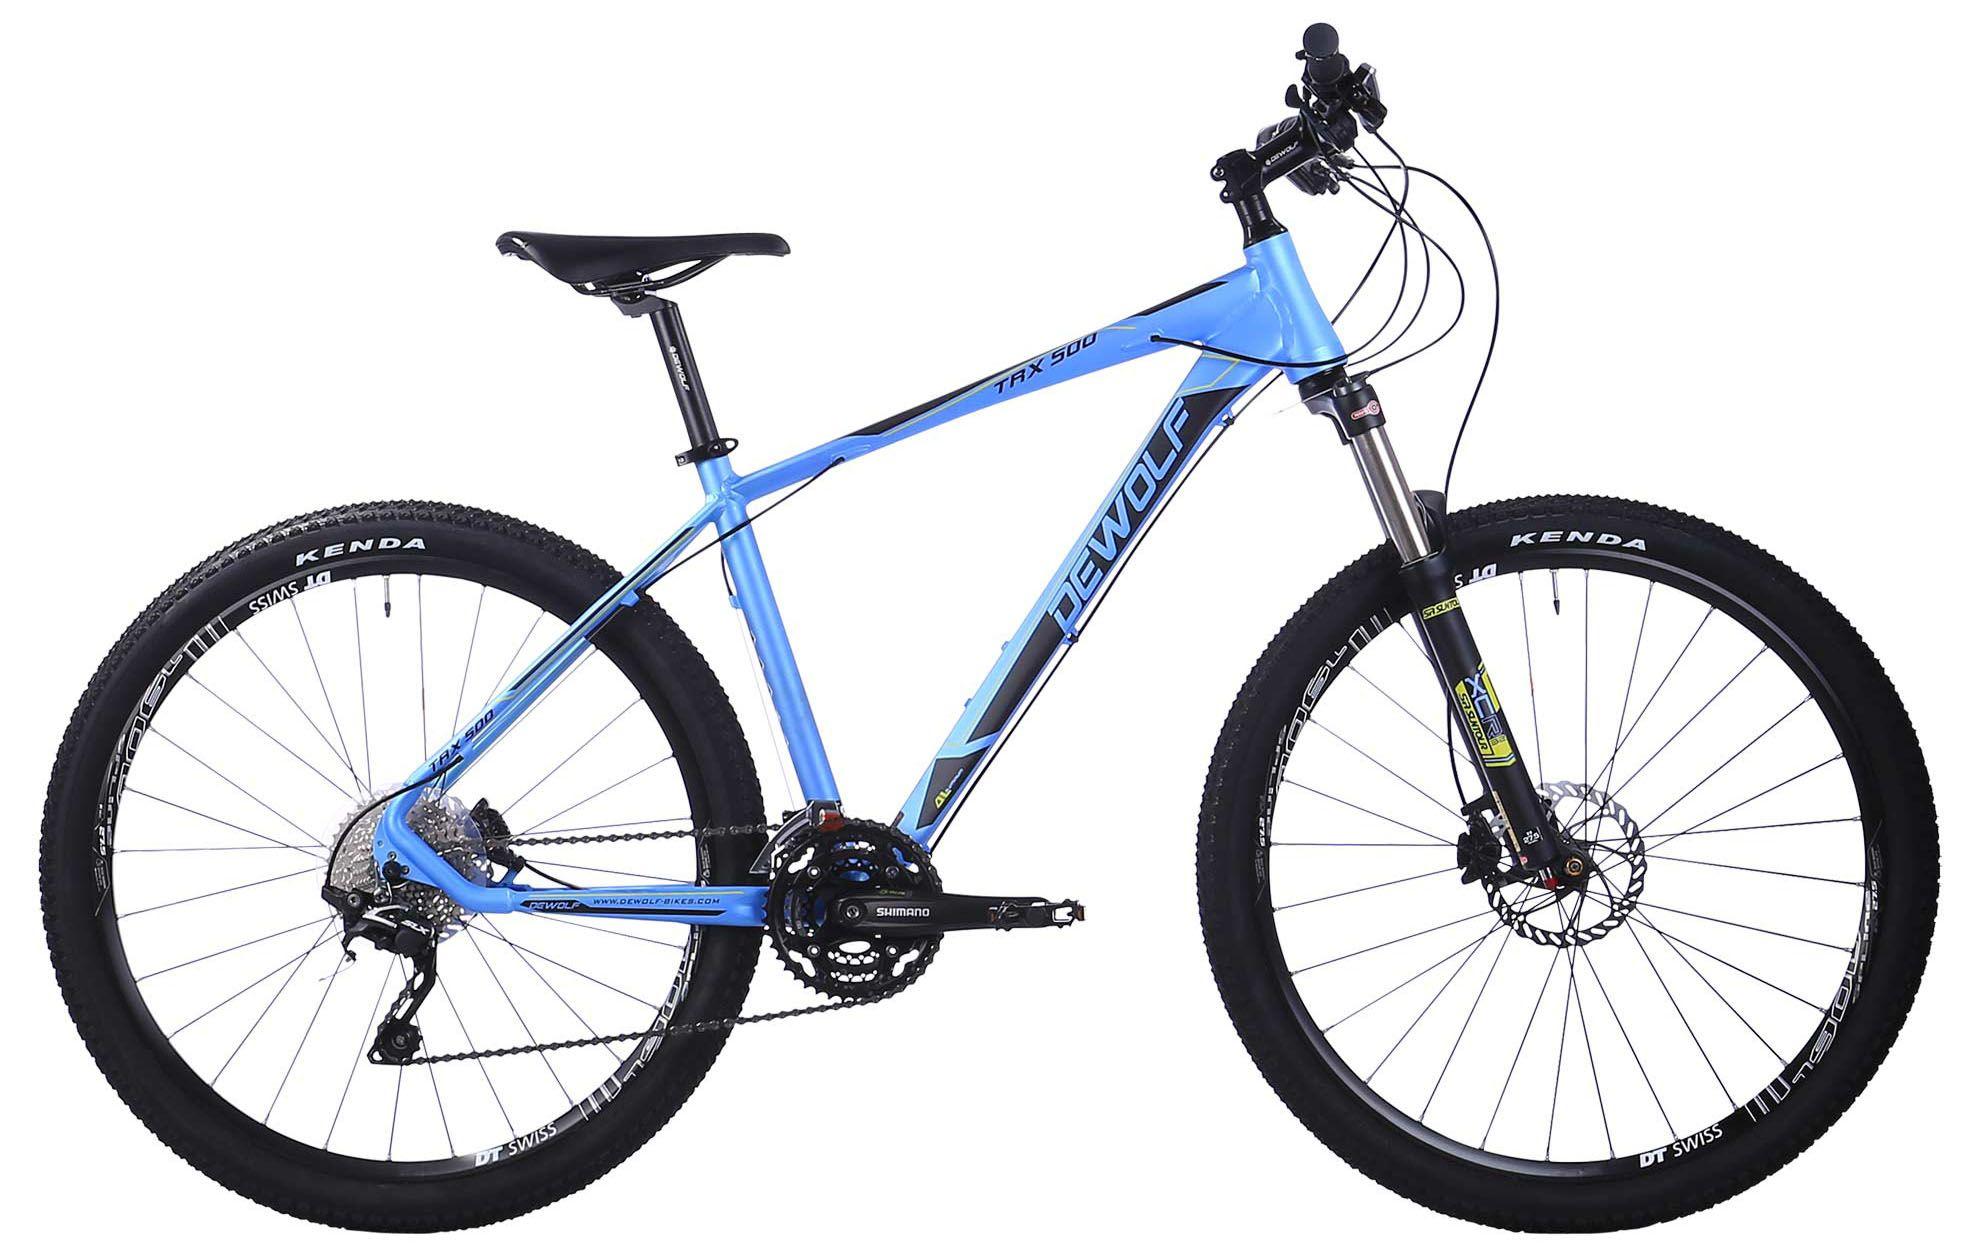 купить Велосипед Dewolf TRX 500 2018 по цене 55900 рублей